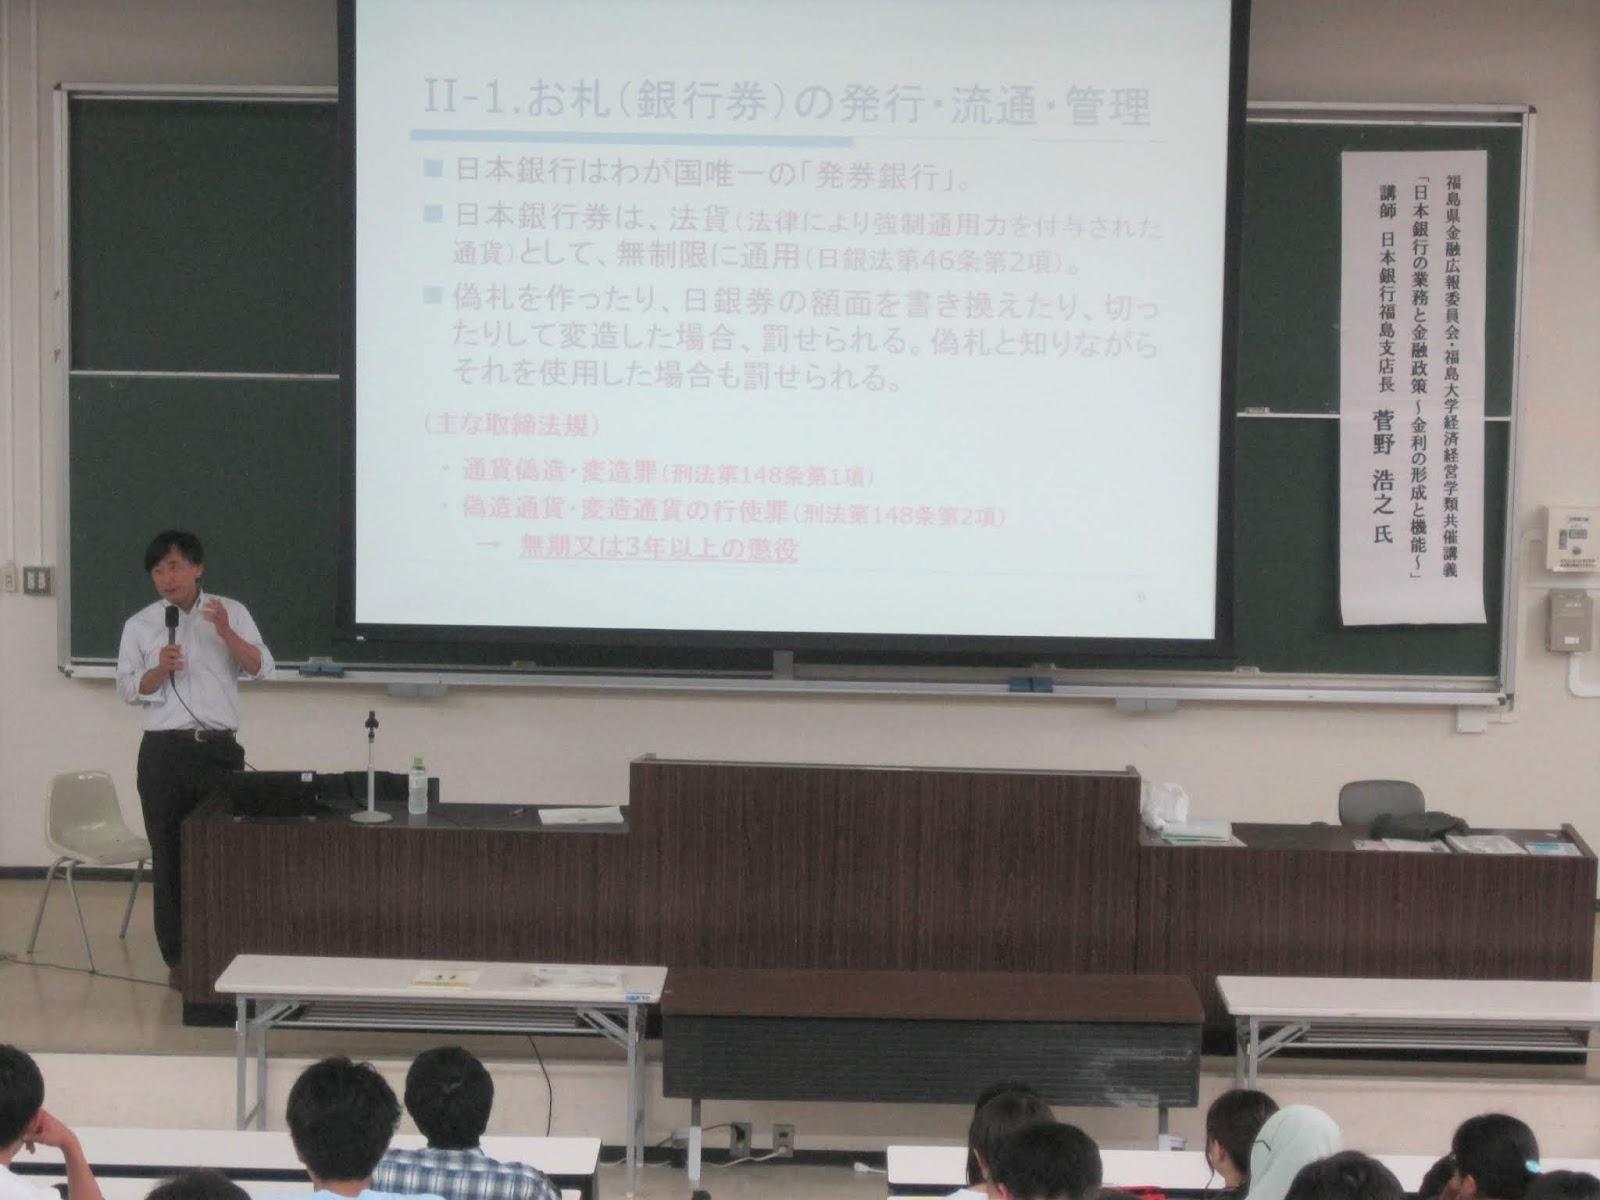 福島大學 経済経営學類 経済學研究科 公式ブログ: 日本銀行福島支店長による講義が行われました(5/31)